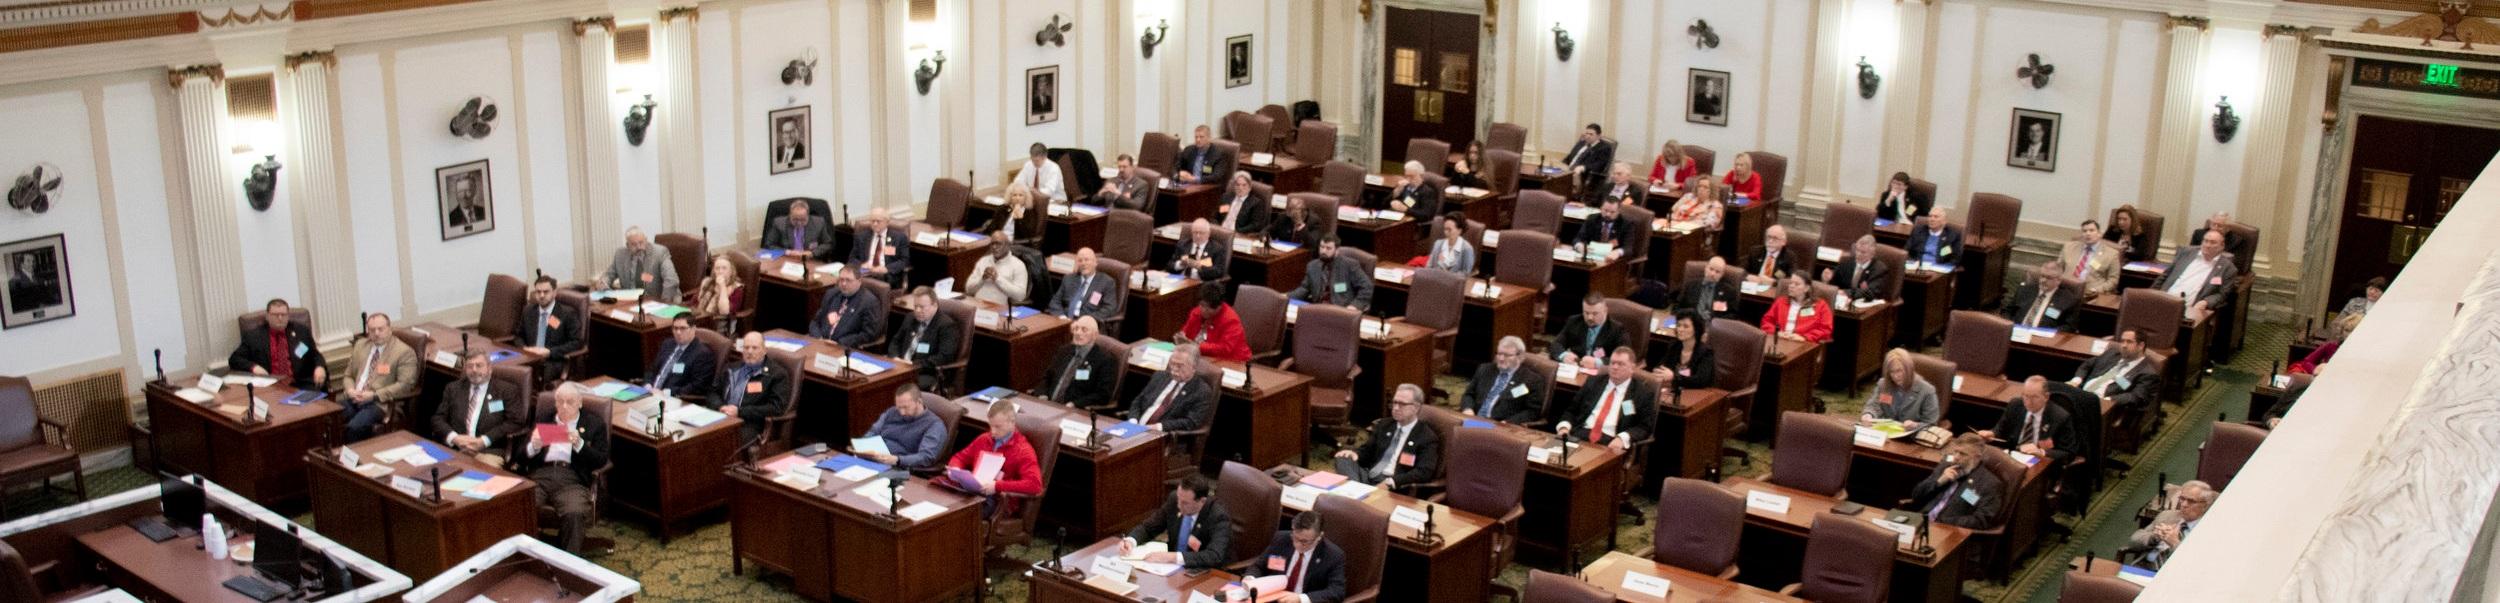 Oklahoma Legislature Meeting